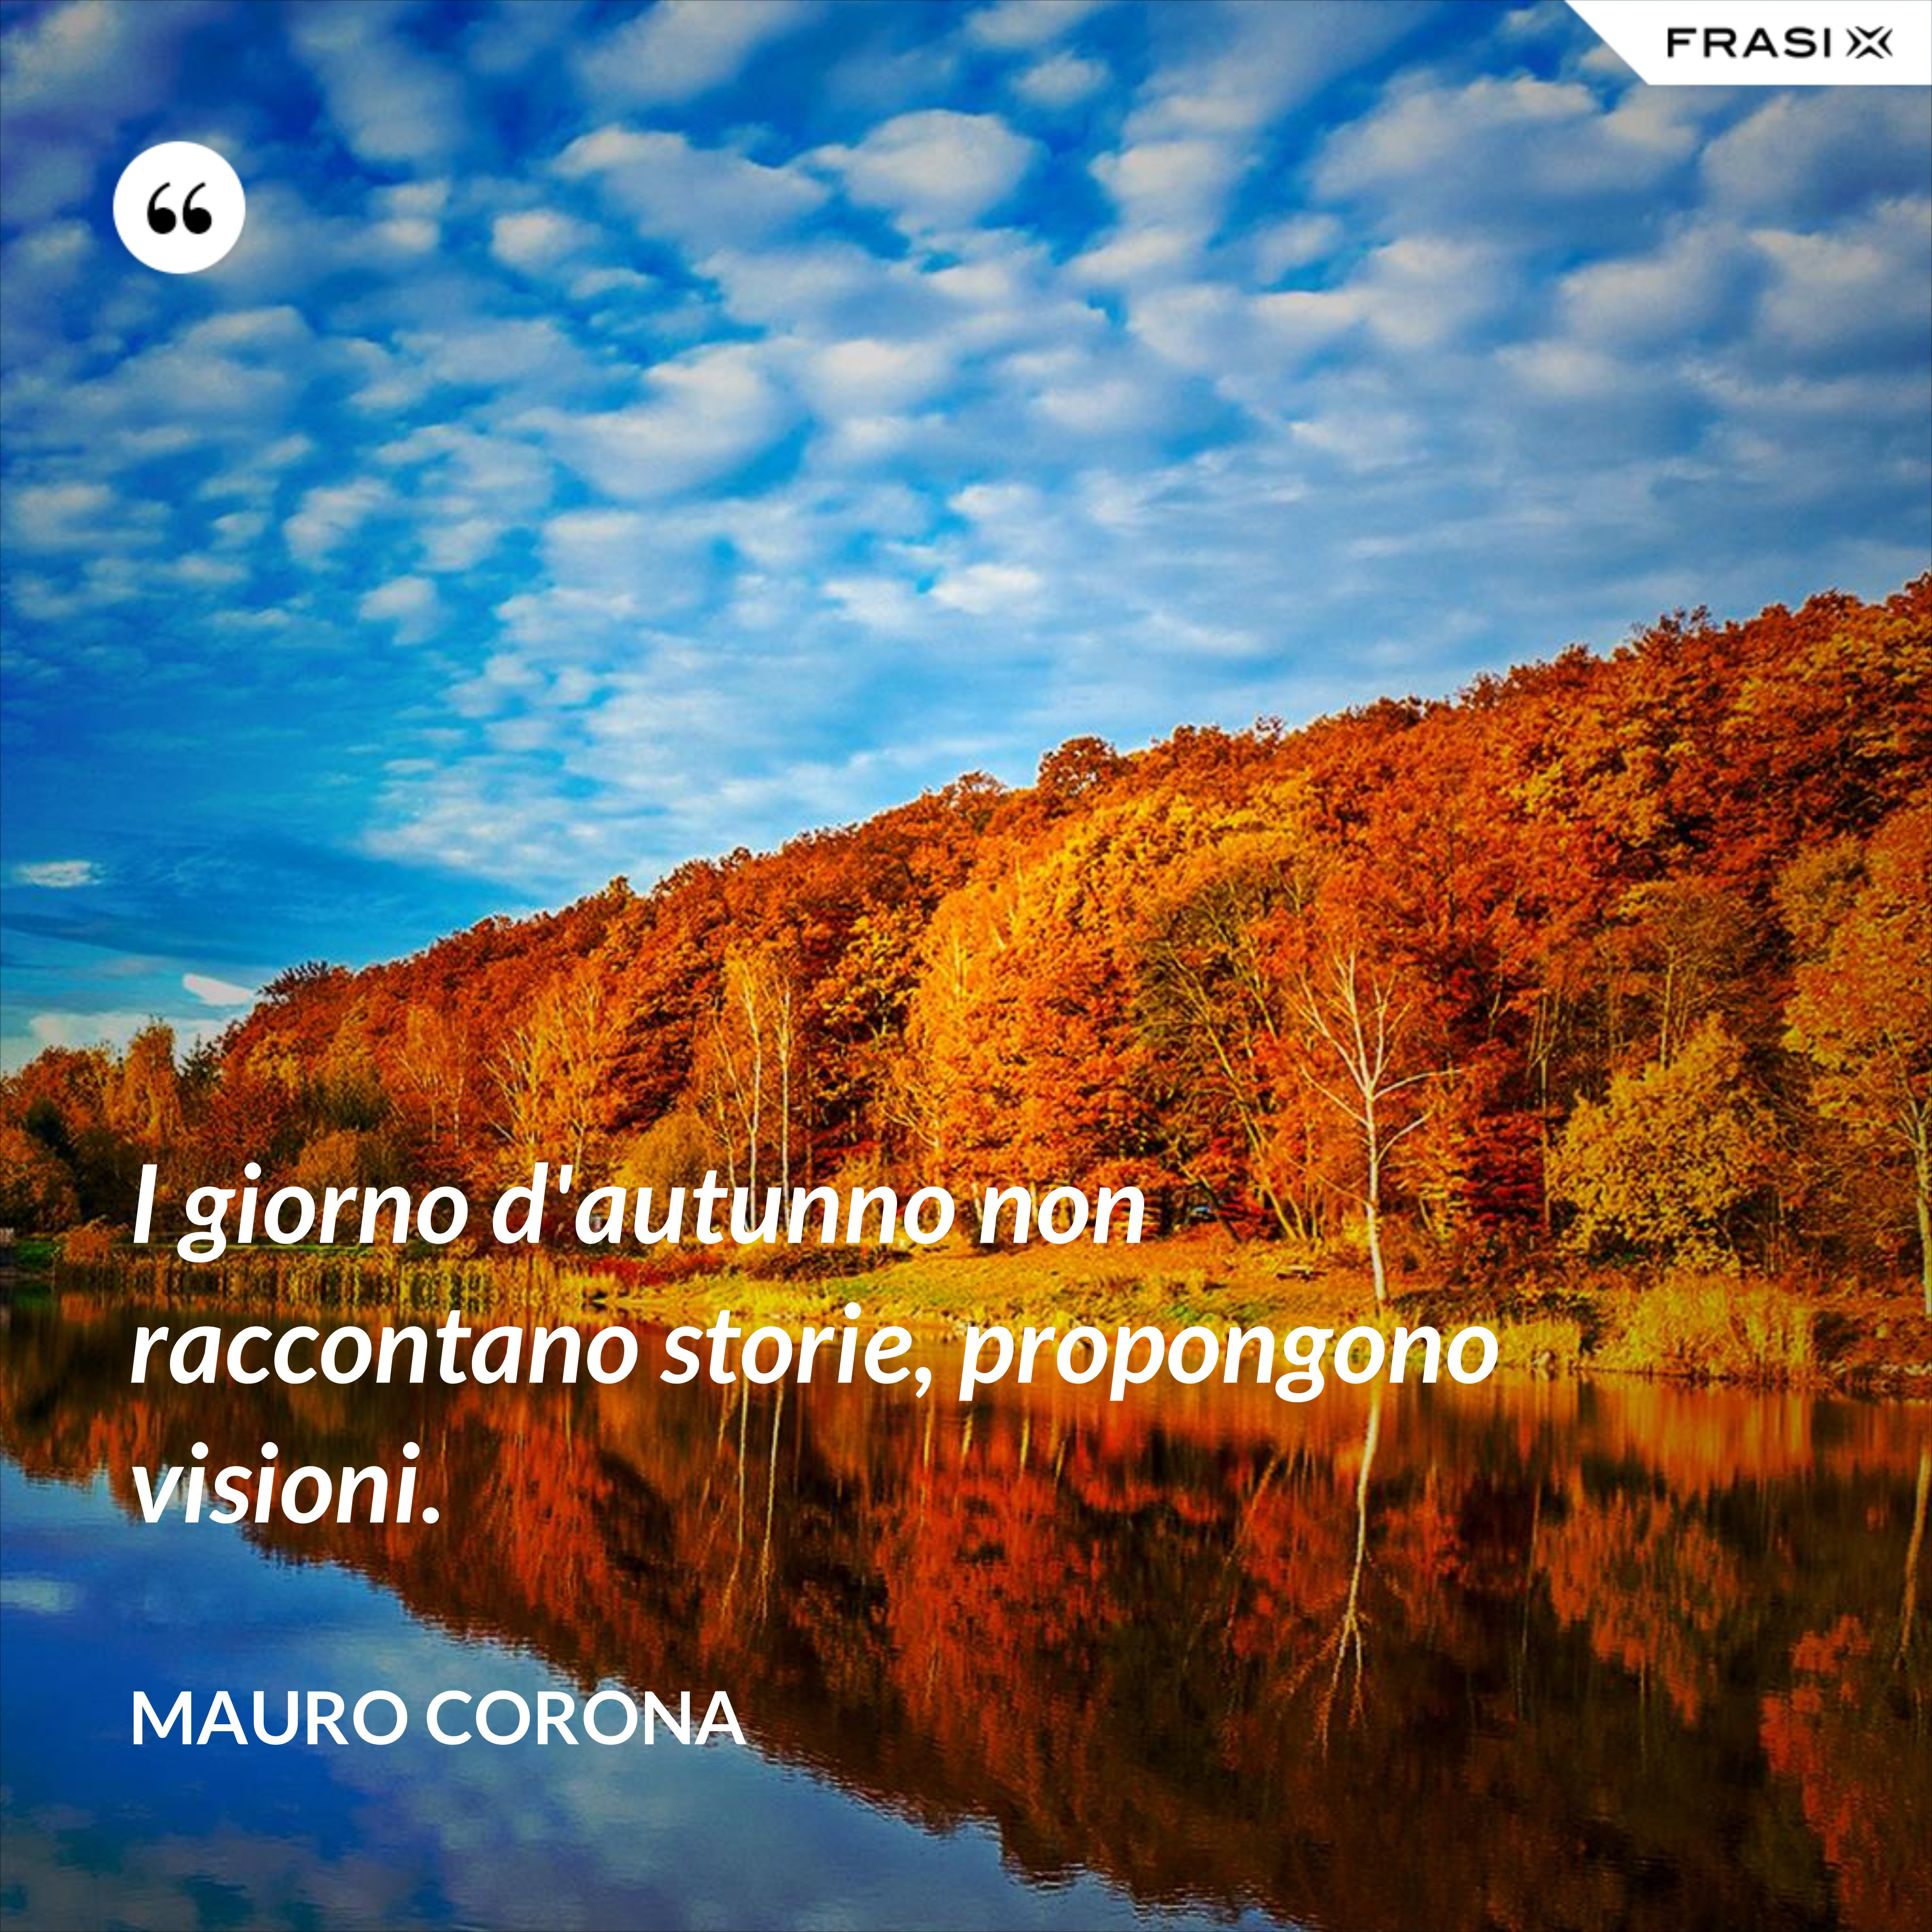 I giorno d'autunno non raccontano storie, propongono visioni. - Mauro Corona